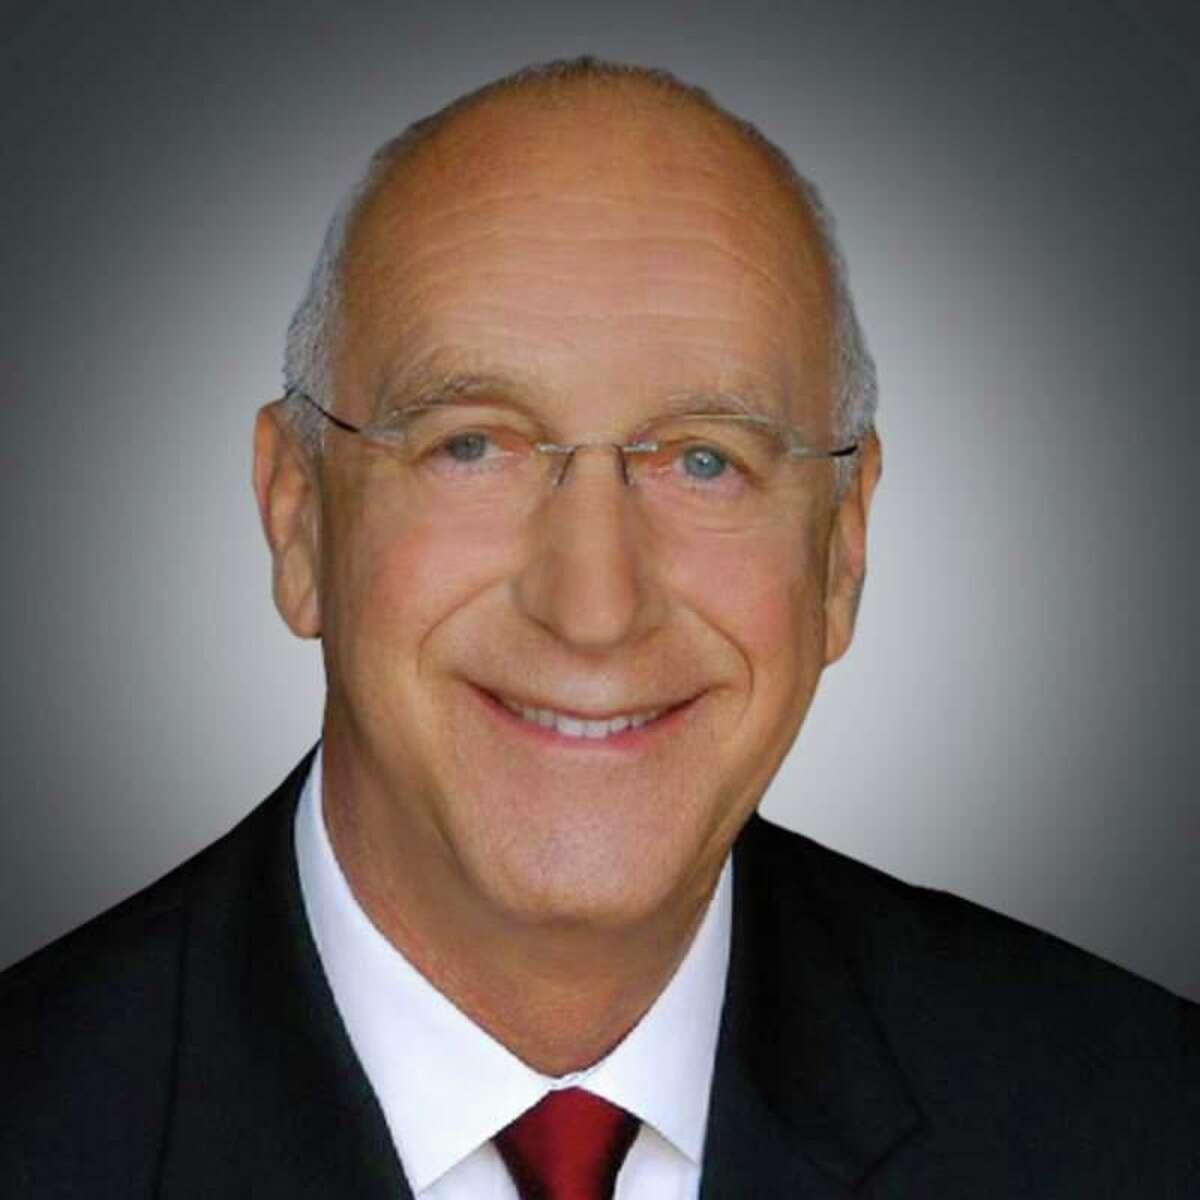 Paul Venema